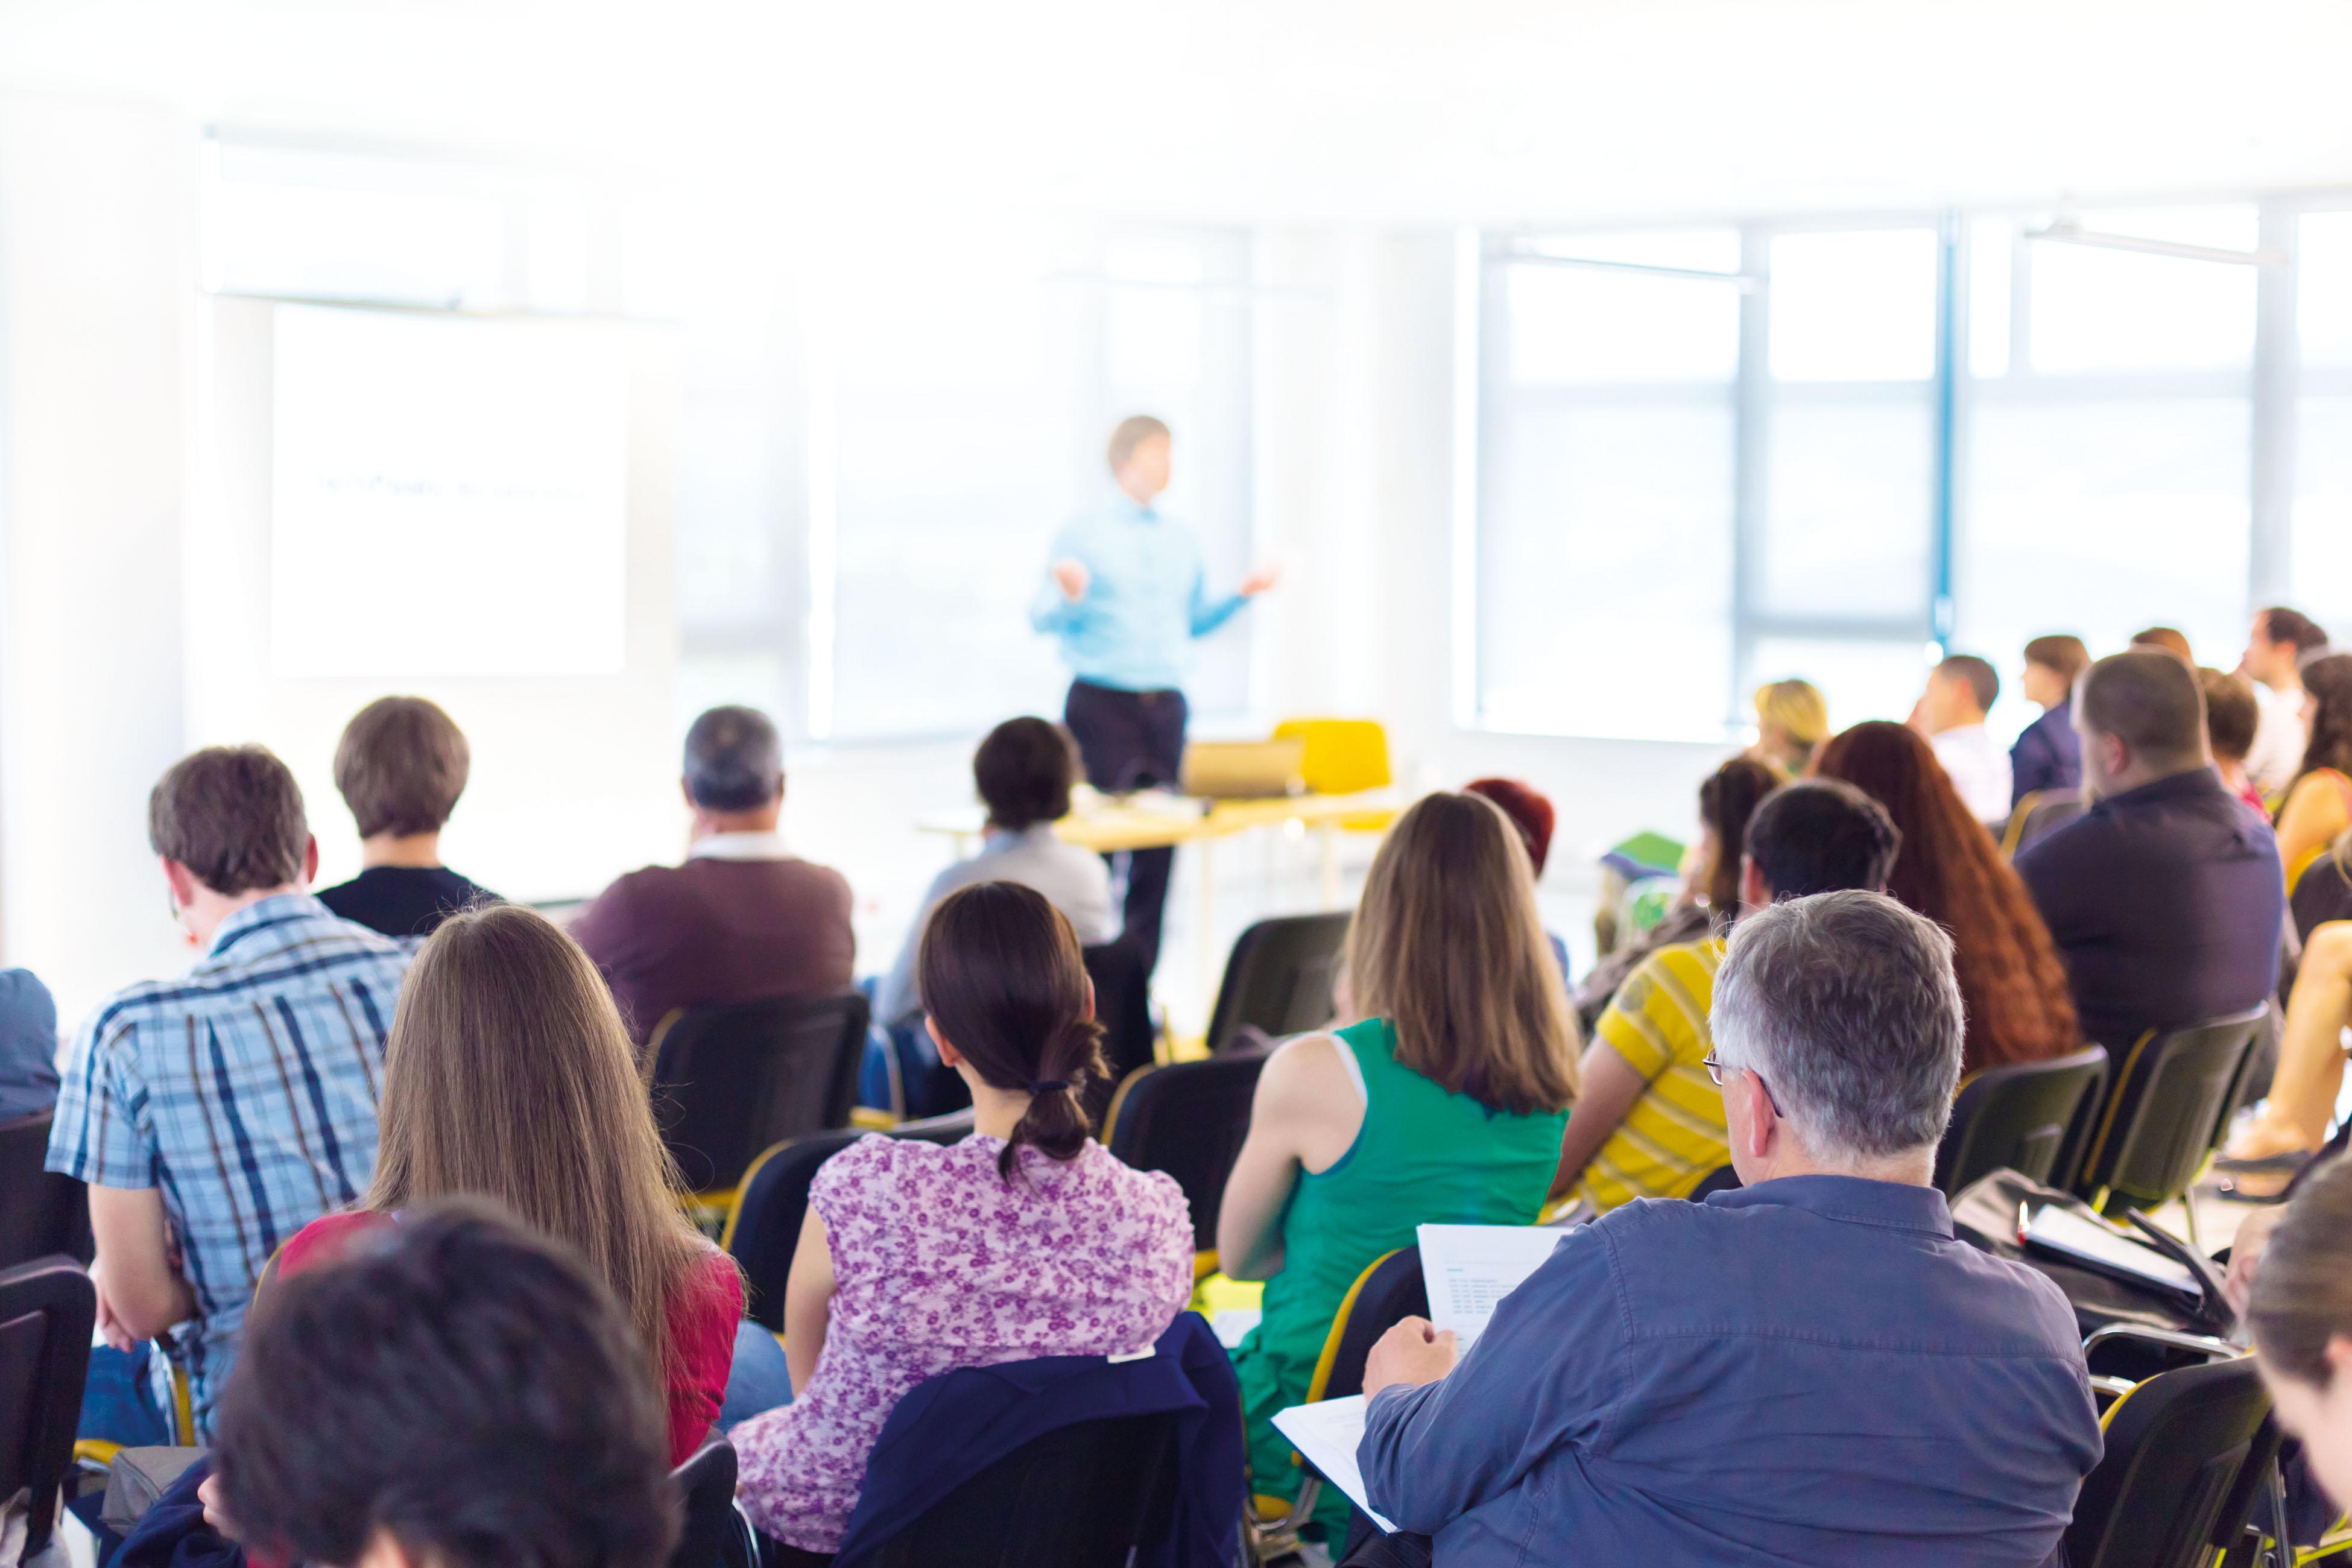 Фонд провел для Томской области семинар в дистанционном формате «Особенности работы с замещающими семьями, находящимися в кризисе и «немотивированными» замещающими родителями»